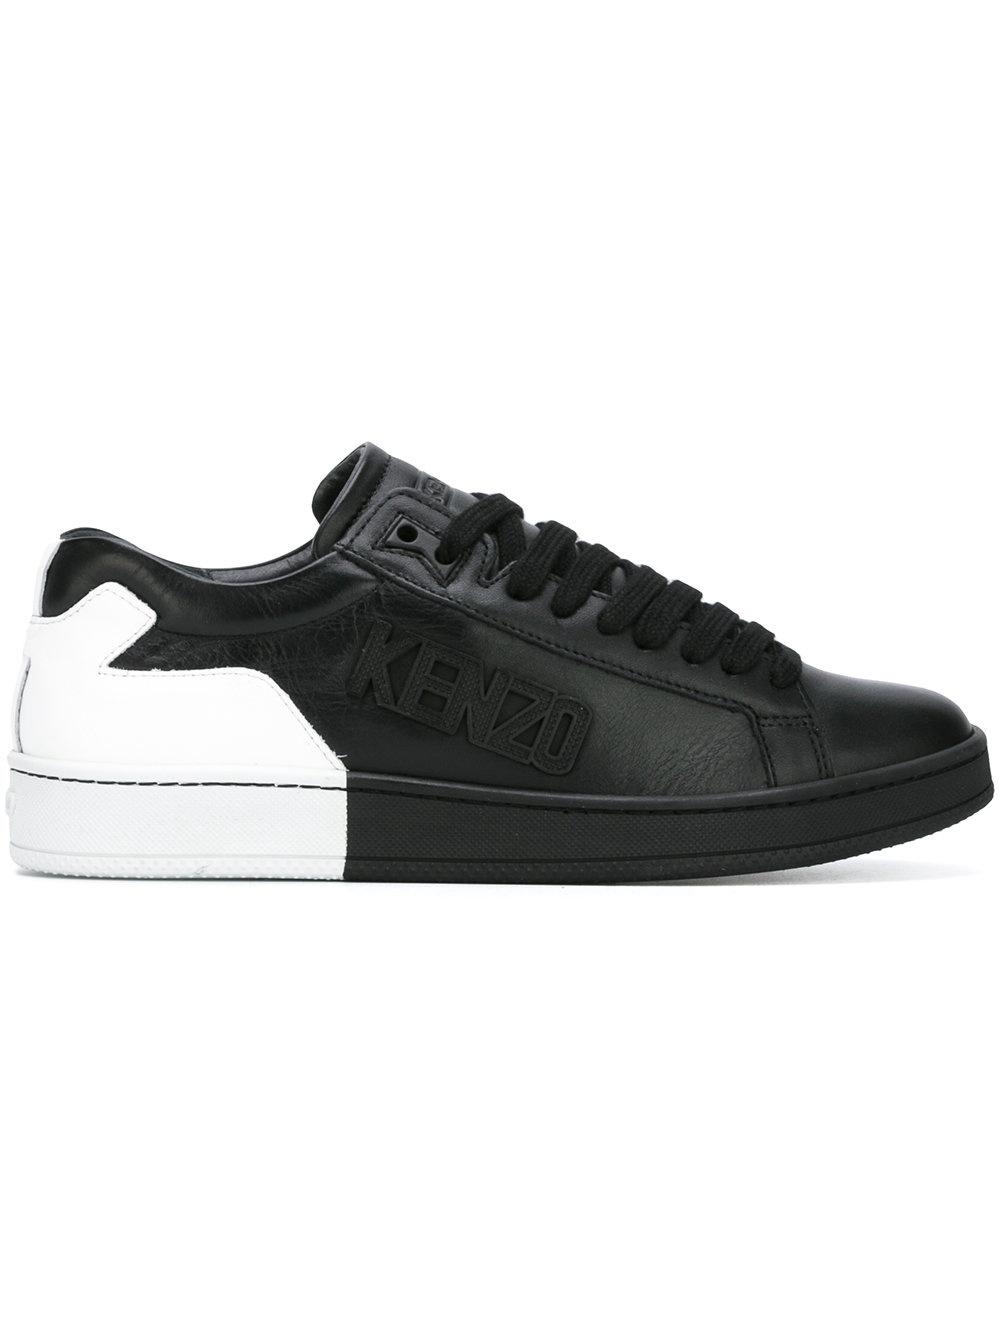 Sneakers kenzo homme noir